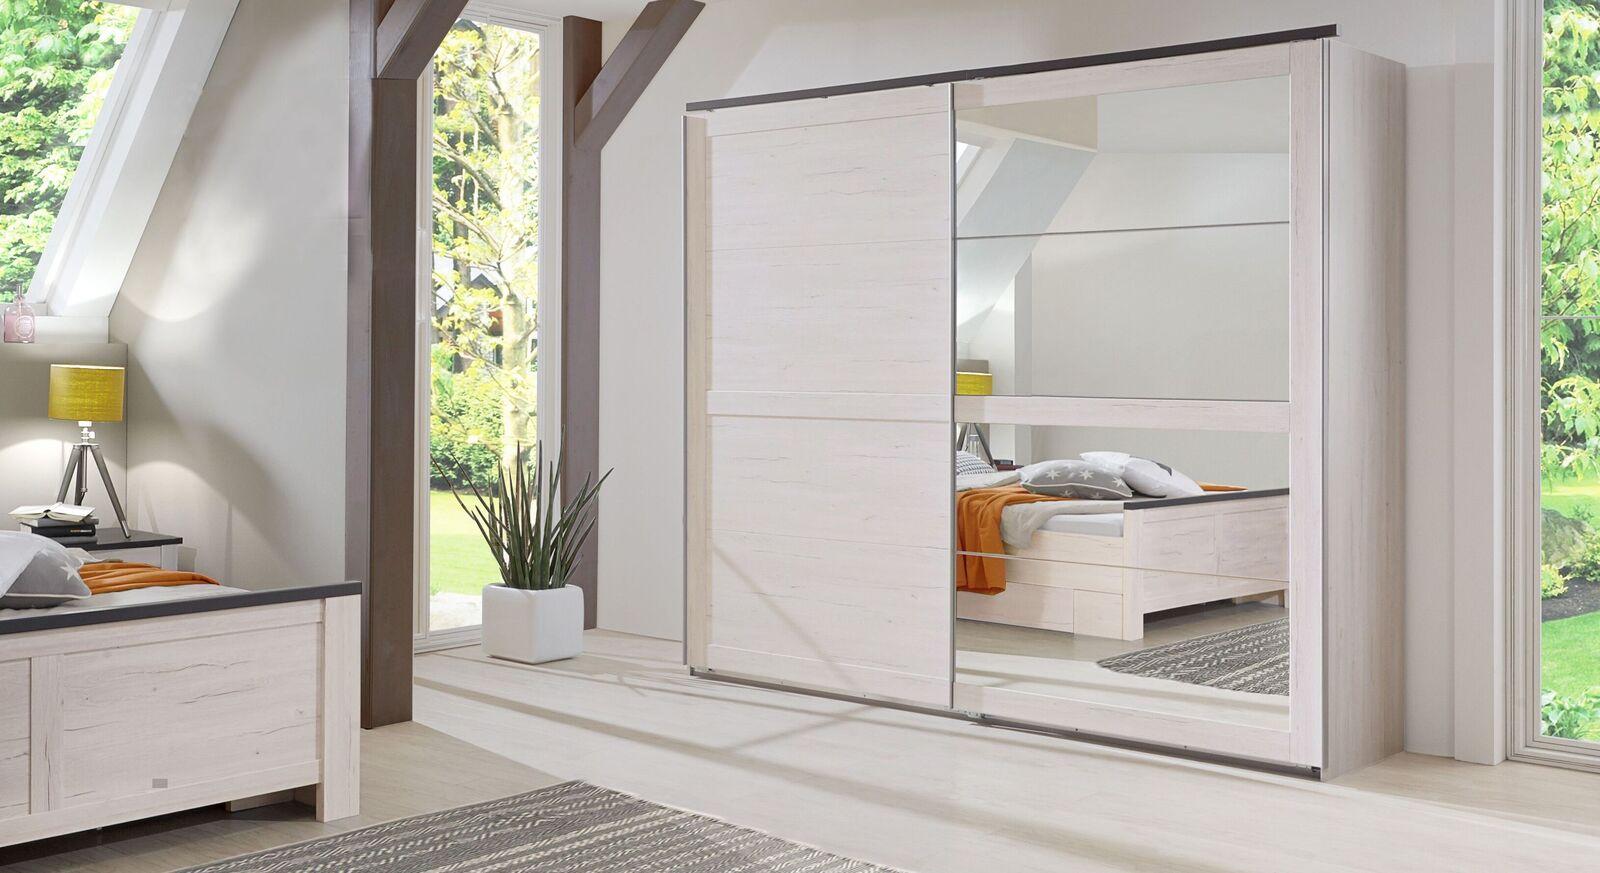 Schwebetüren-Kleiderschrank Grom mit großer Spiegeltür